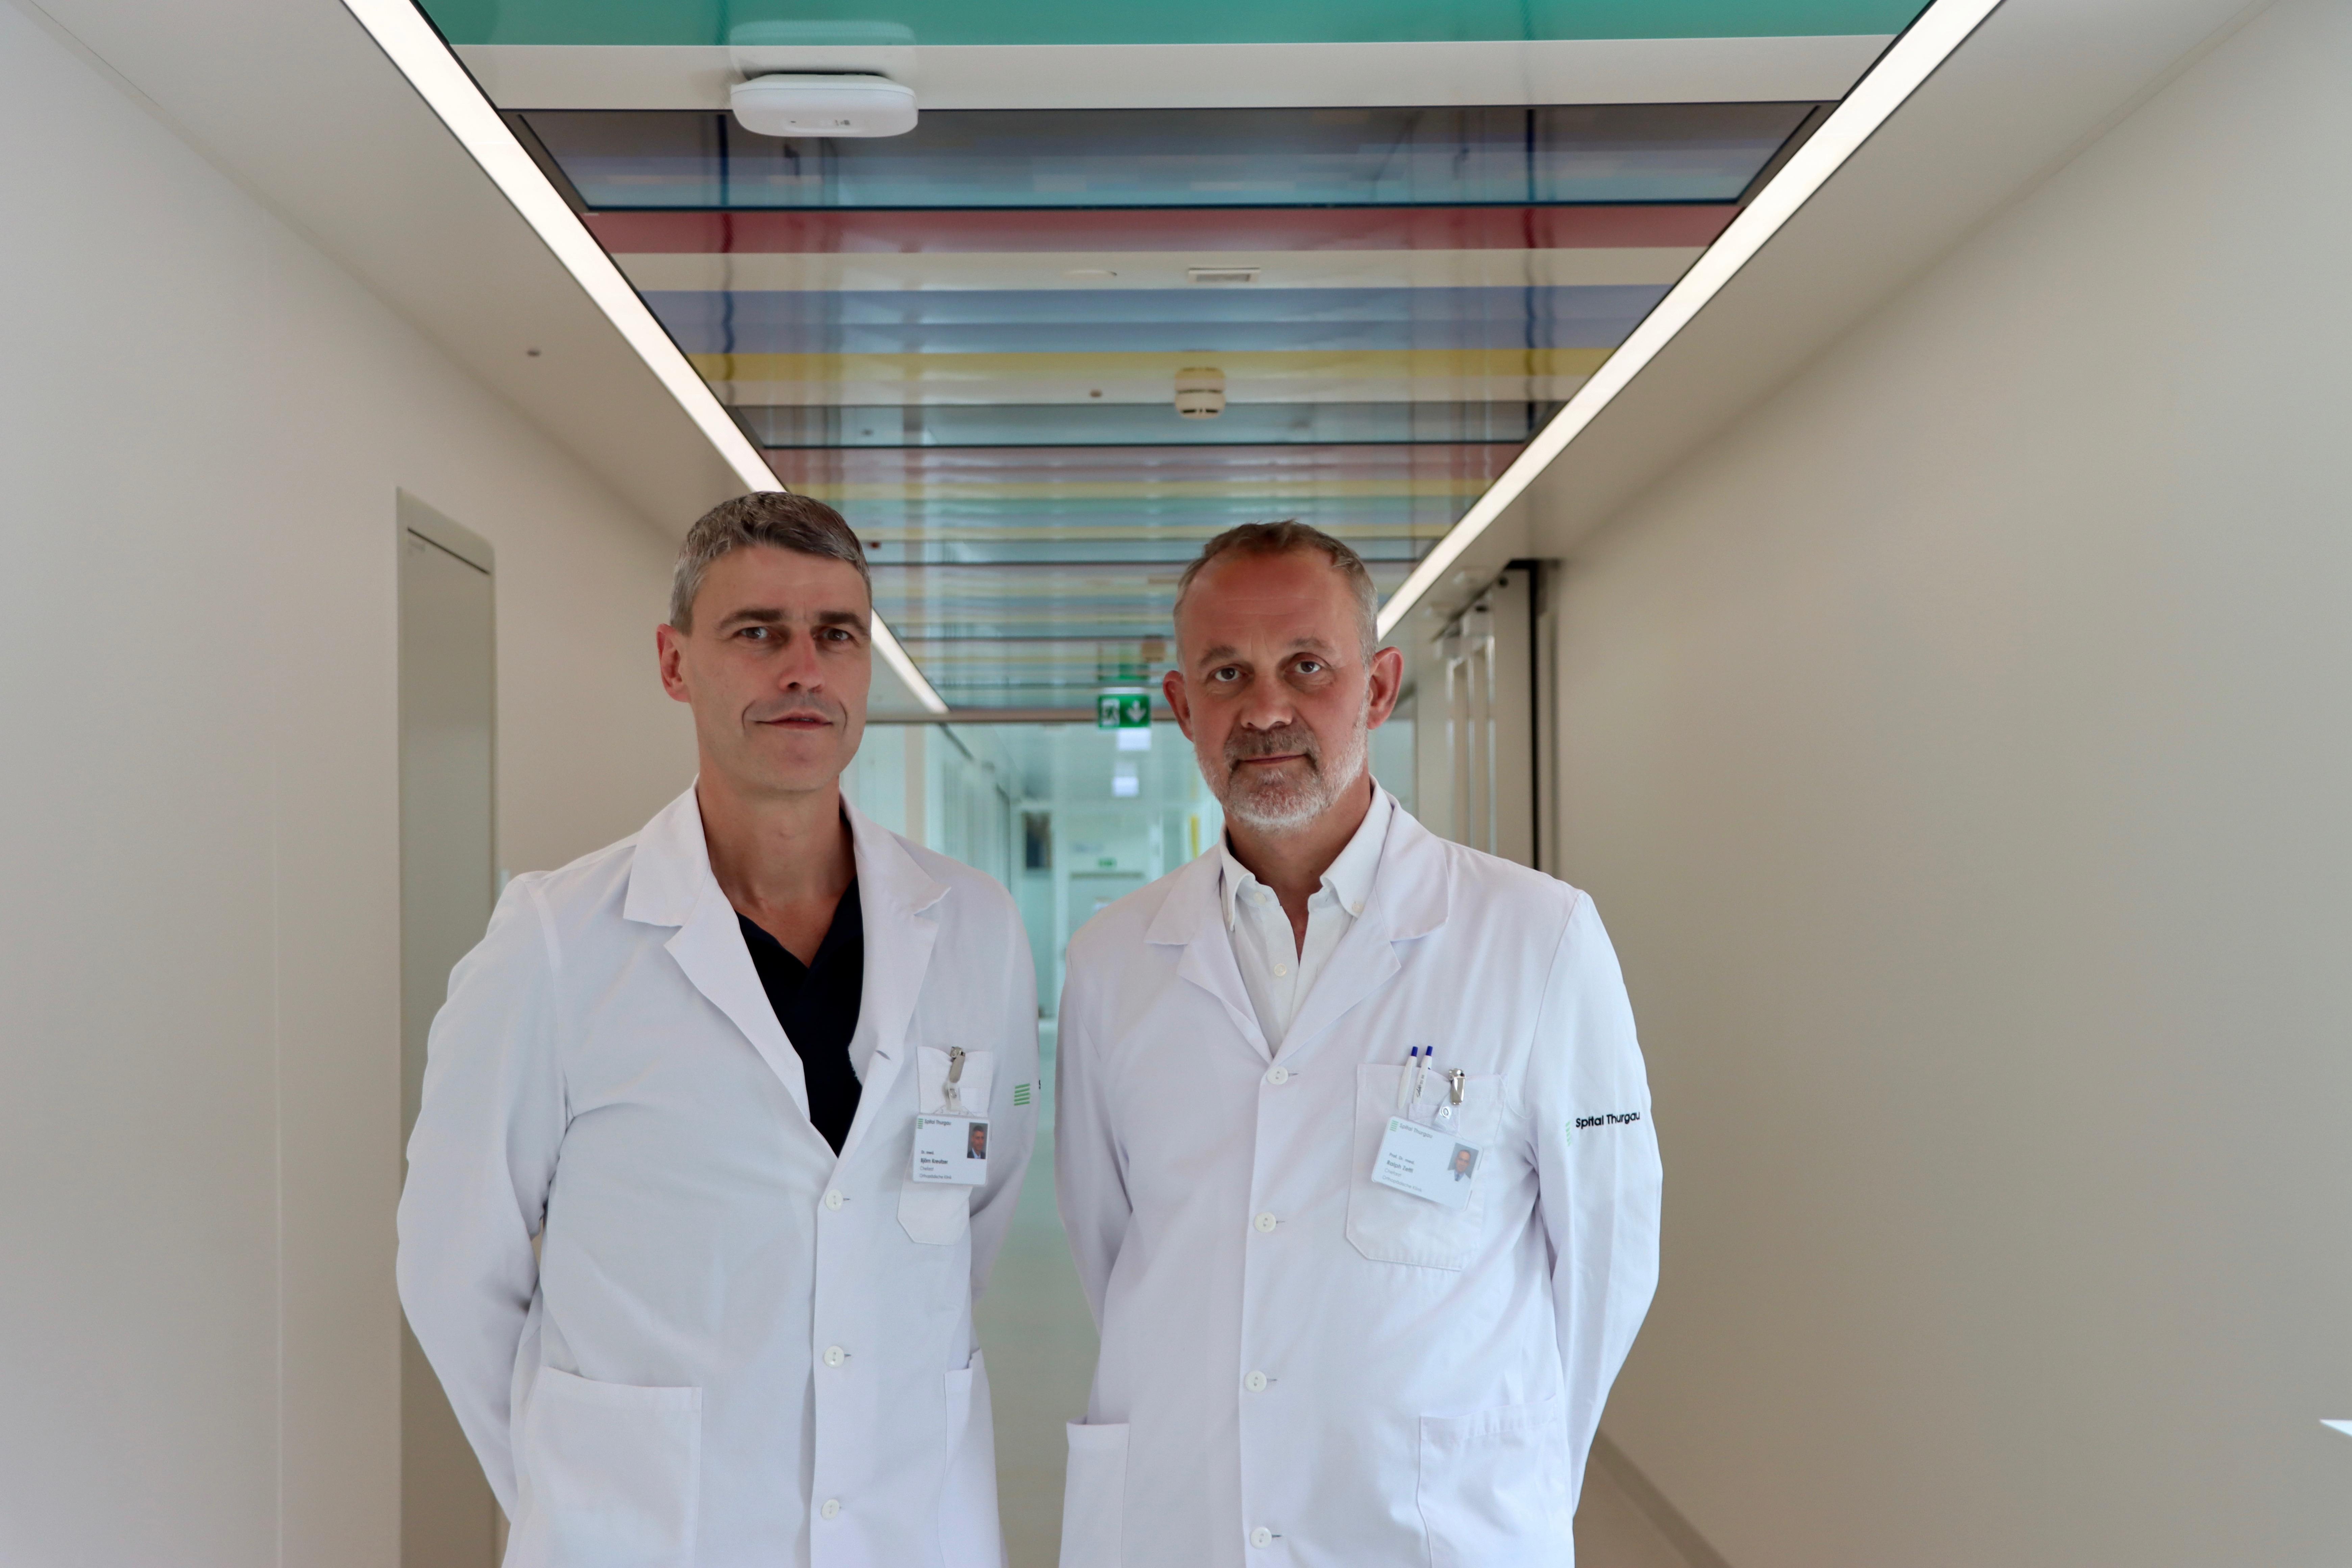 Hier entsteht eine der grössten Orthopädie-Kliniken der Schweiz